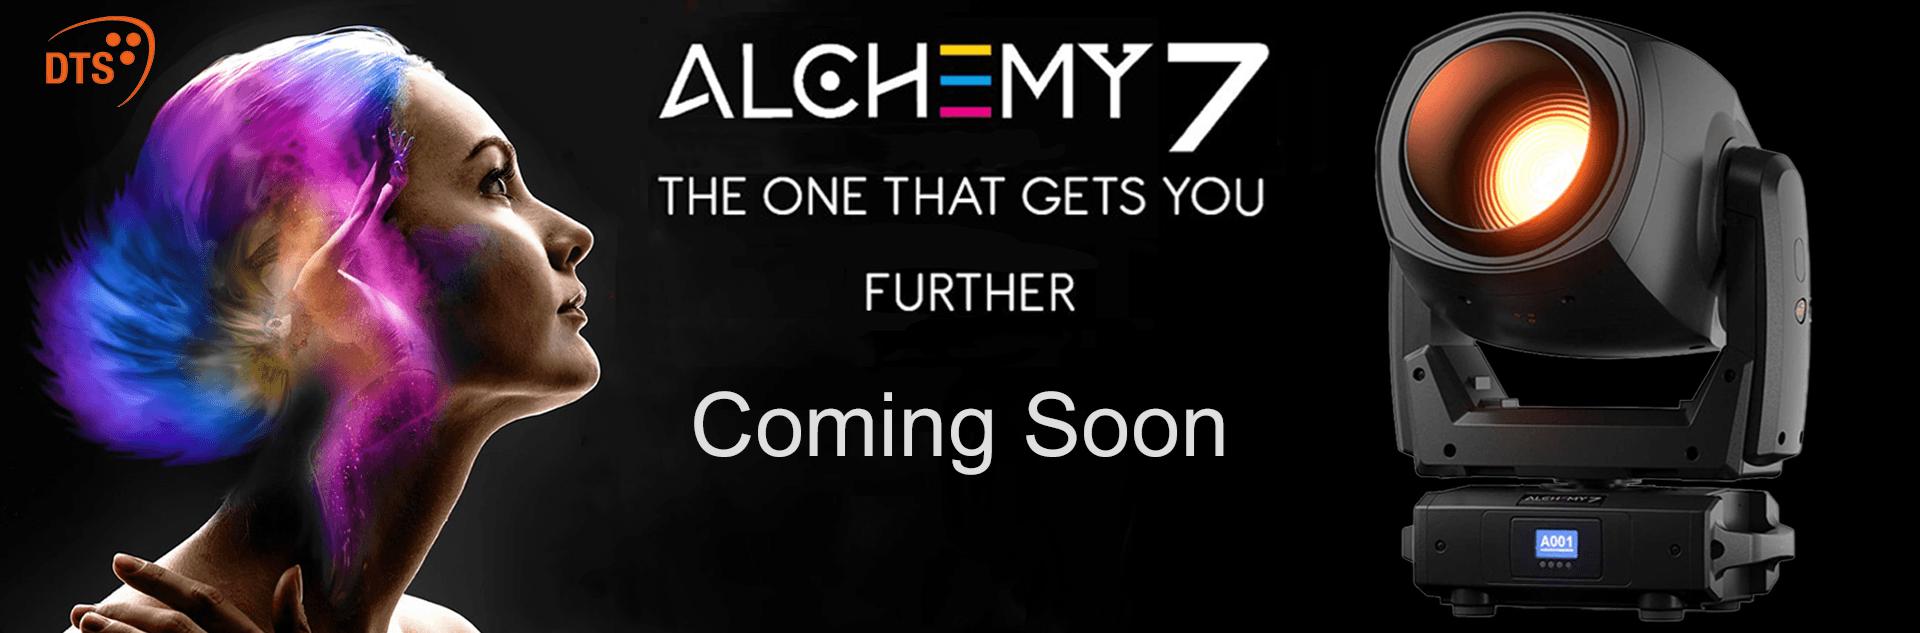 dts lighting alchemy 7